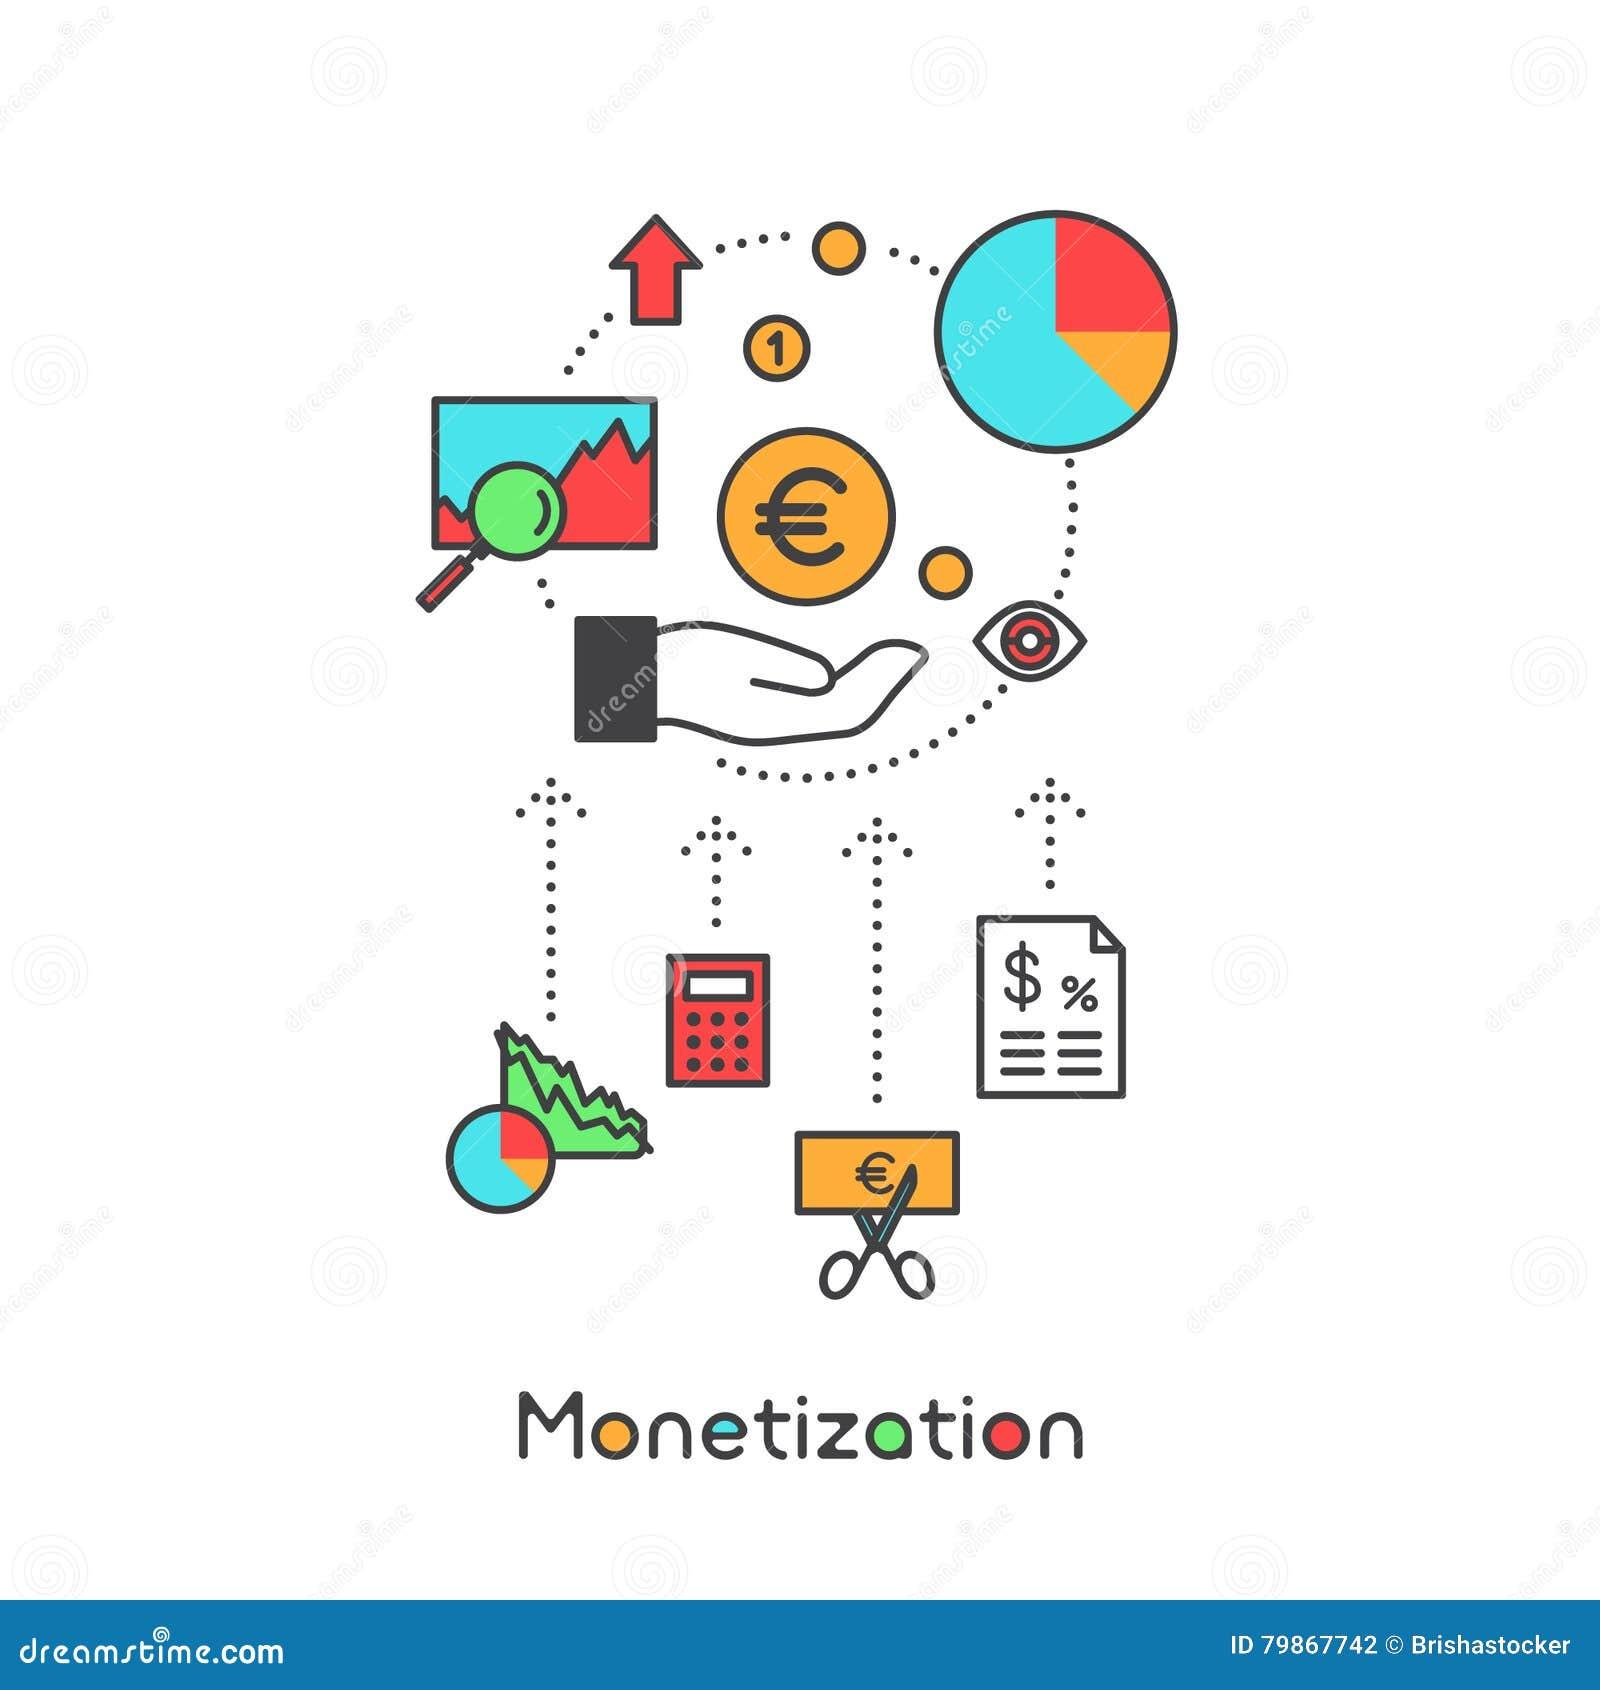 Monetizationprocess